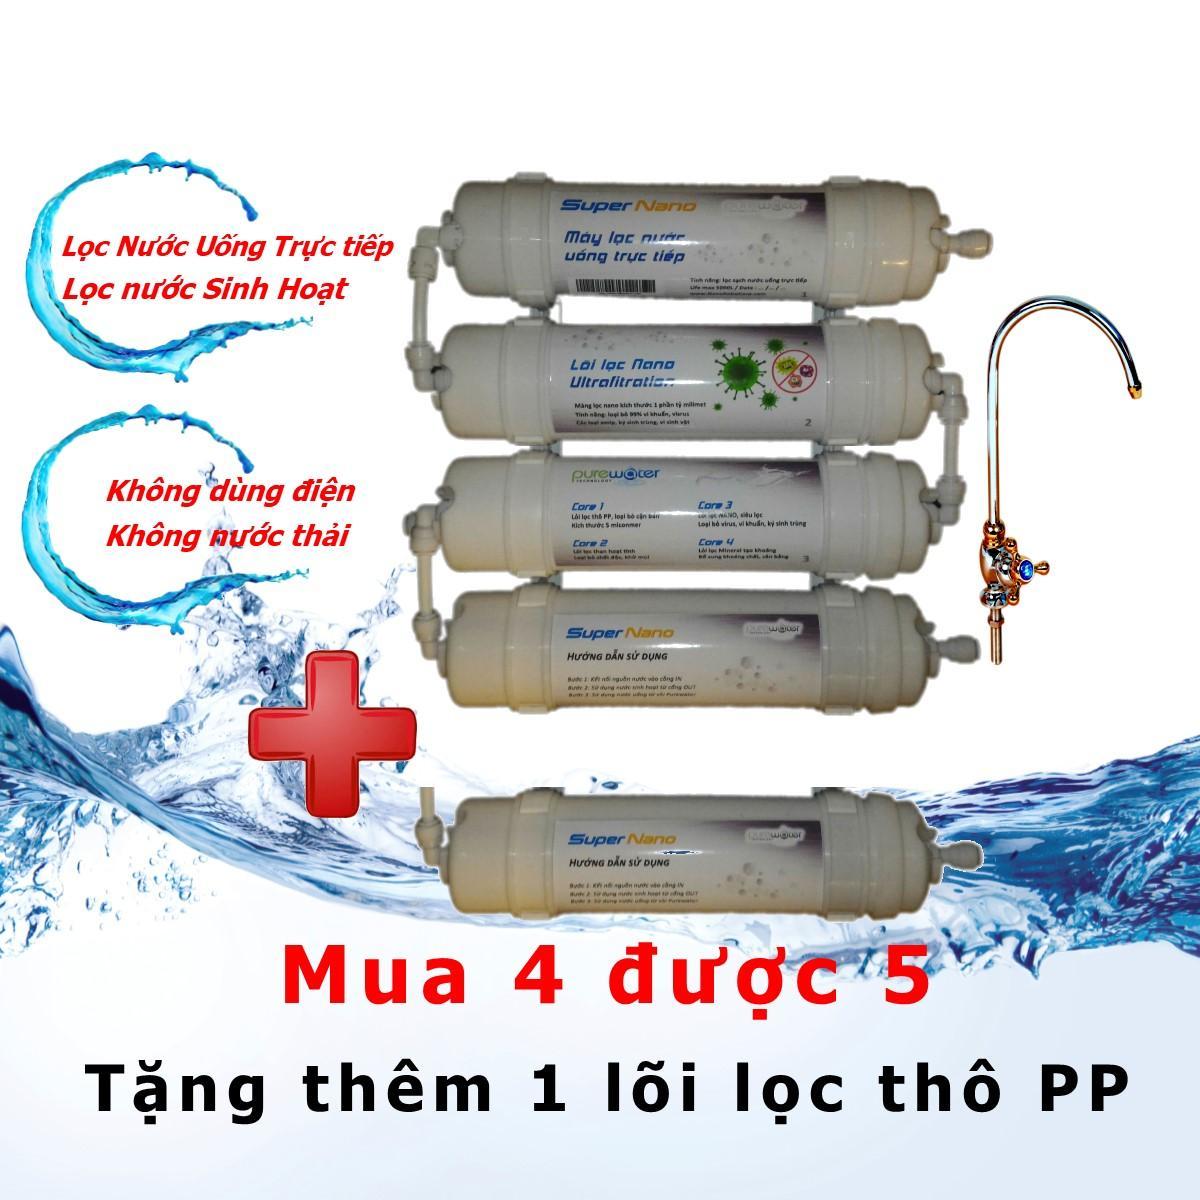 ( BẢO HÀNH 10 NĂM) Máy lọc nước Nano Uống trực tiếp 4 Cấp lọc + Tặng 1 lõi lọc thô PP